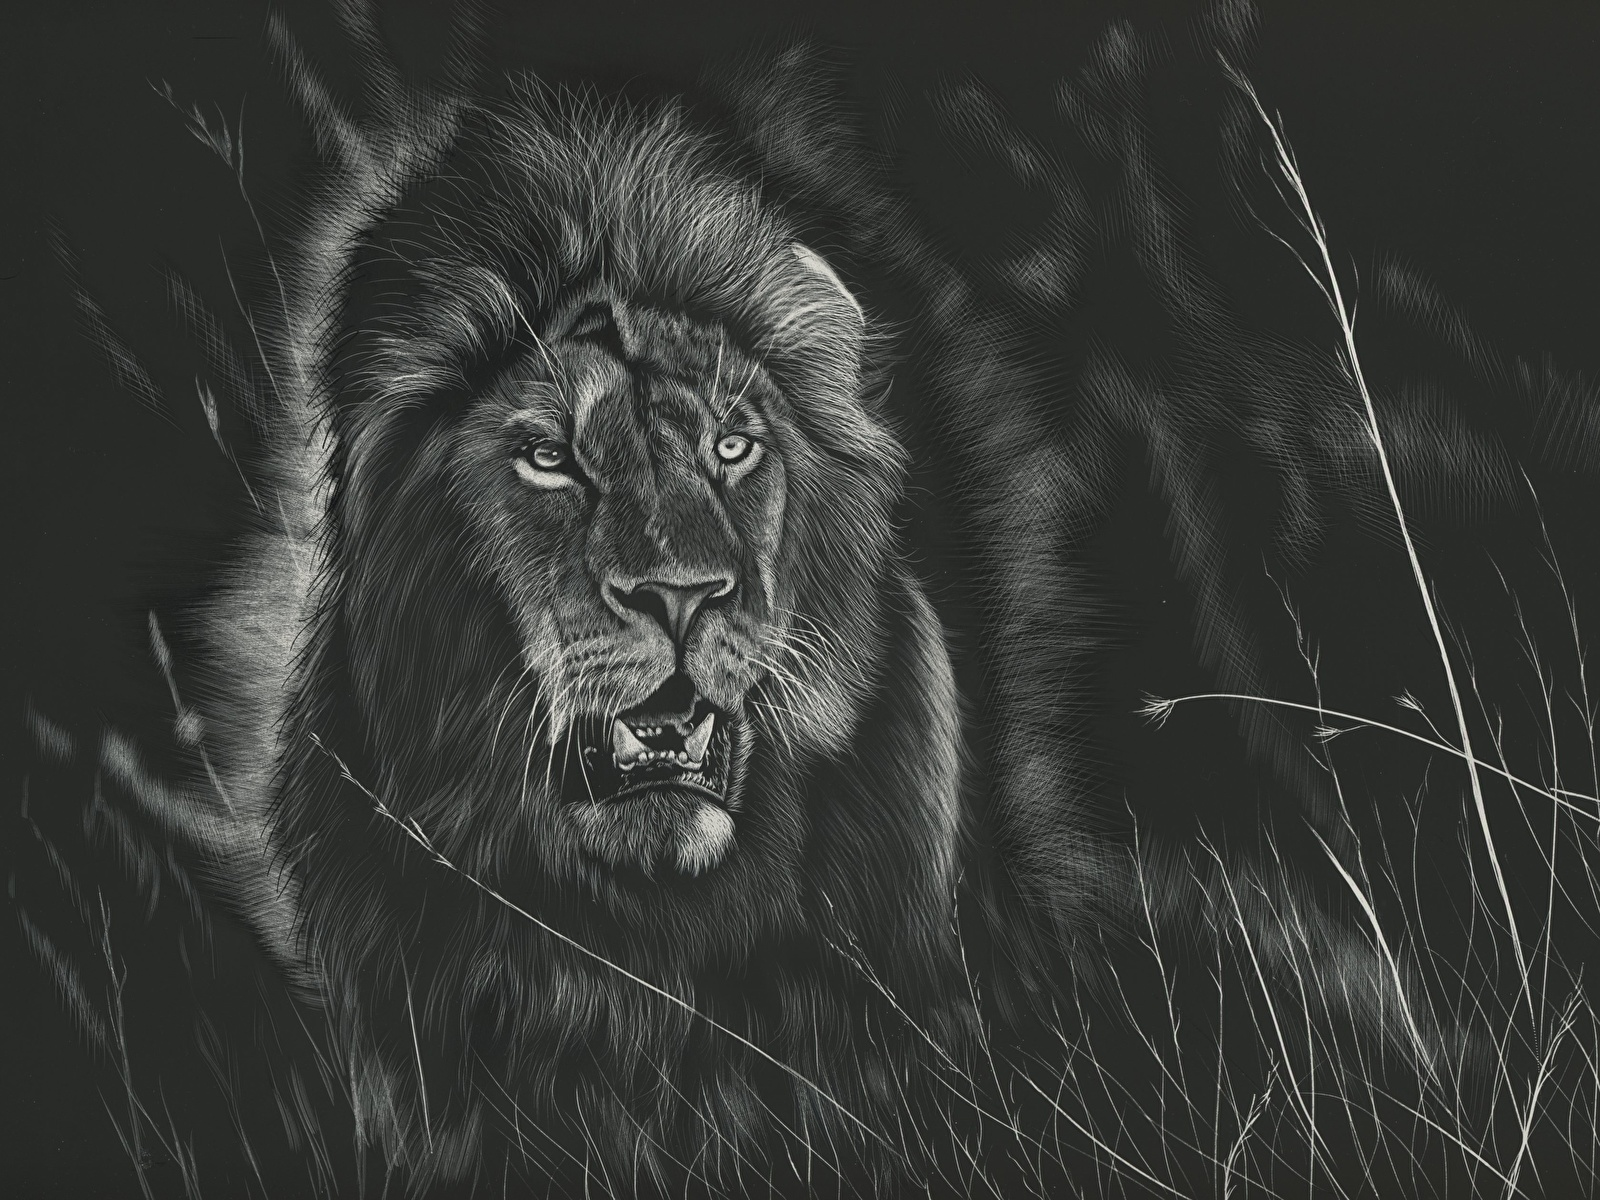 Bilder Von Löwe Große Katze Schwarzweiss Ein Tier 1600x1200